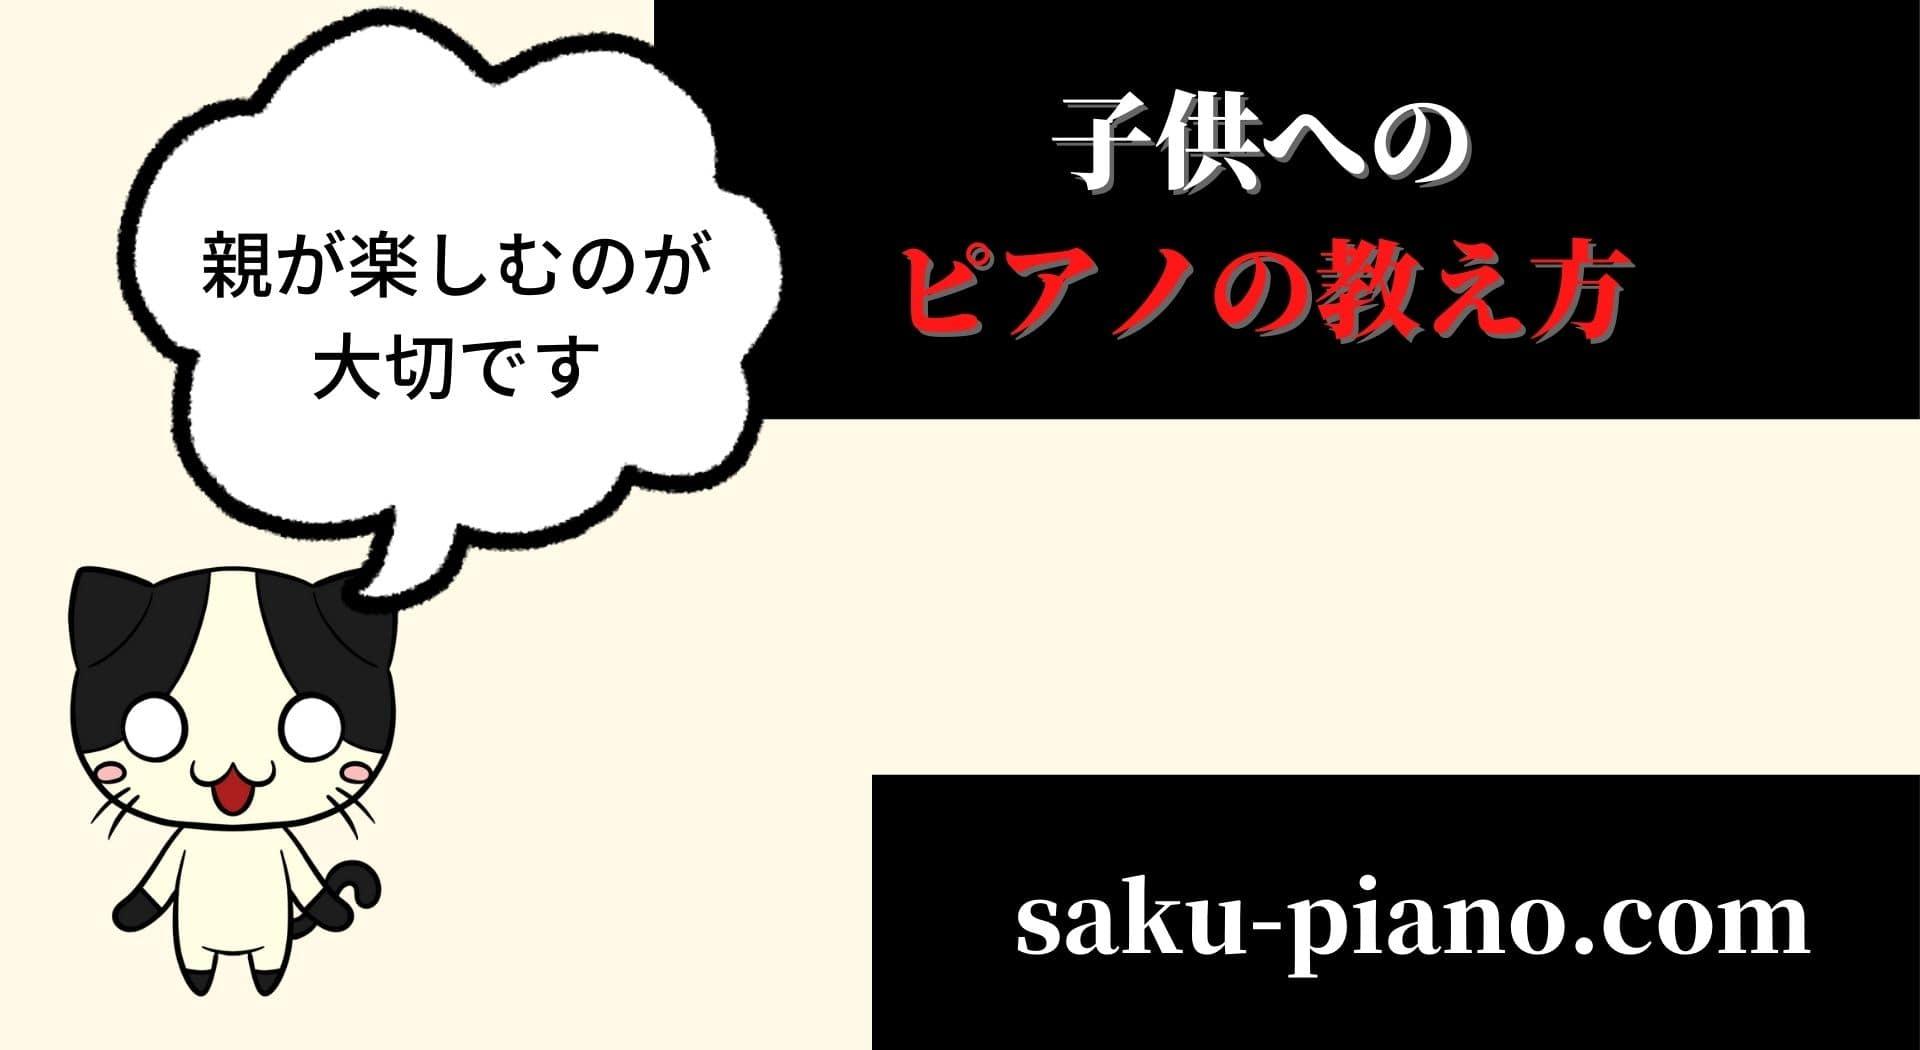 ピアノが上手い人の 特徴まとめ (11)-minのアイキャッチ画像